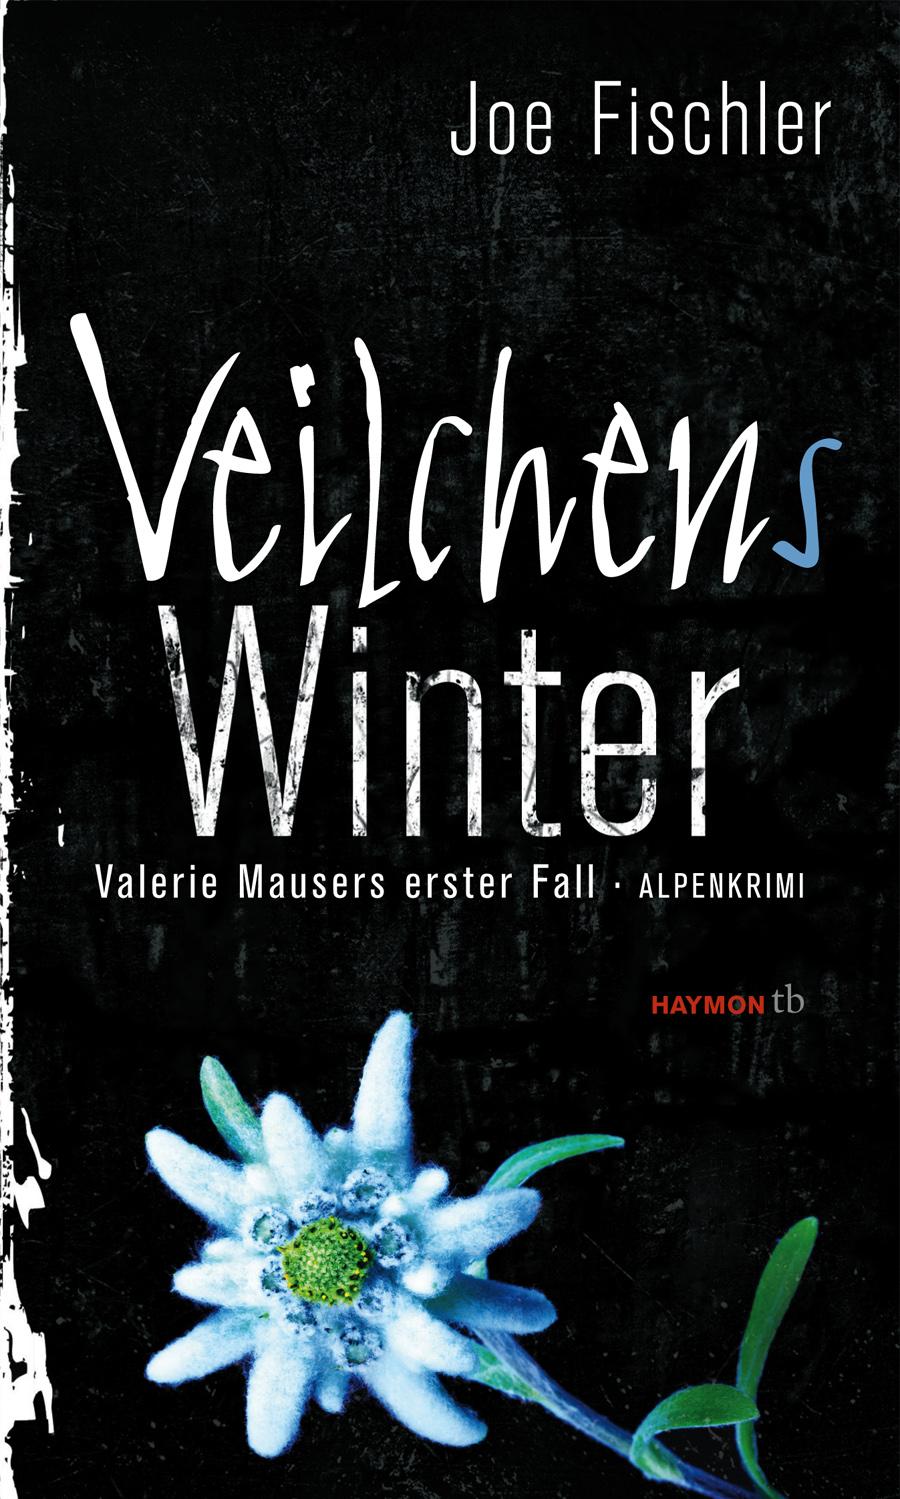 Veilchens Winter: Valerie Mausers erster Fall - Joe Fischler